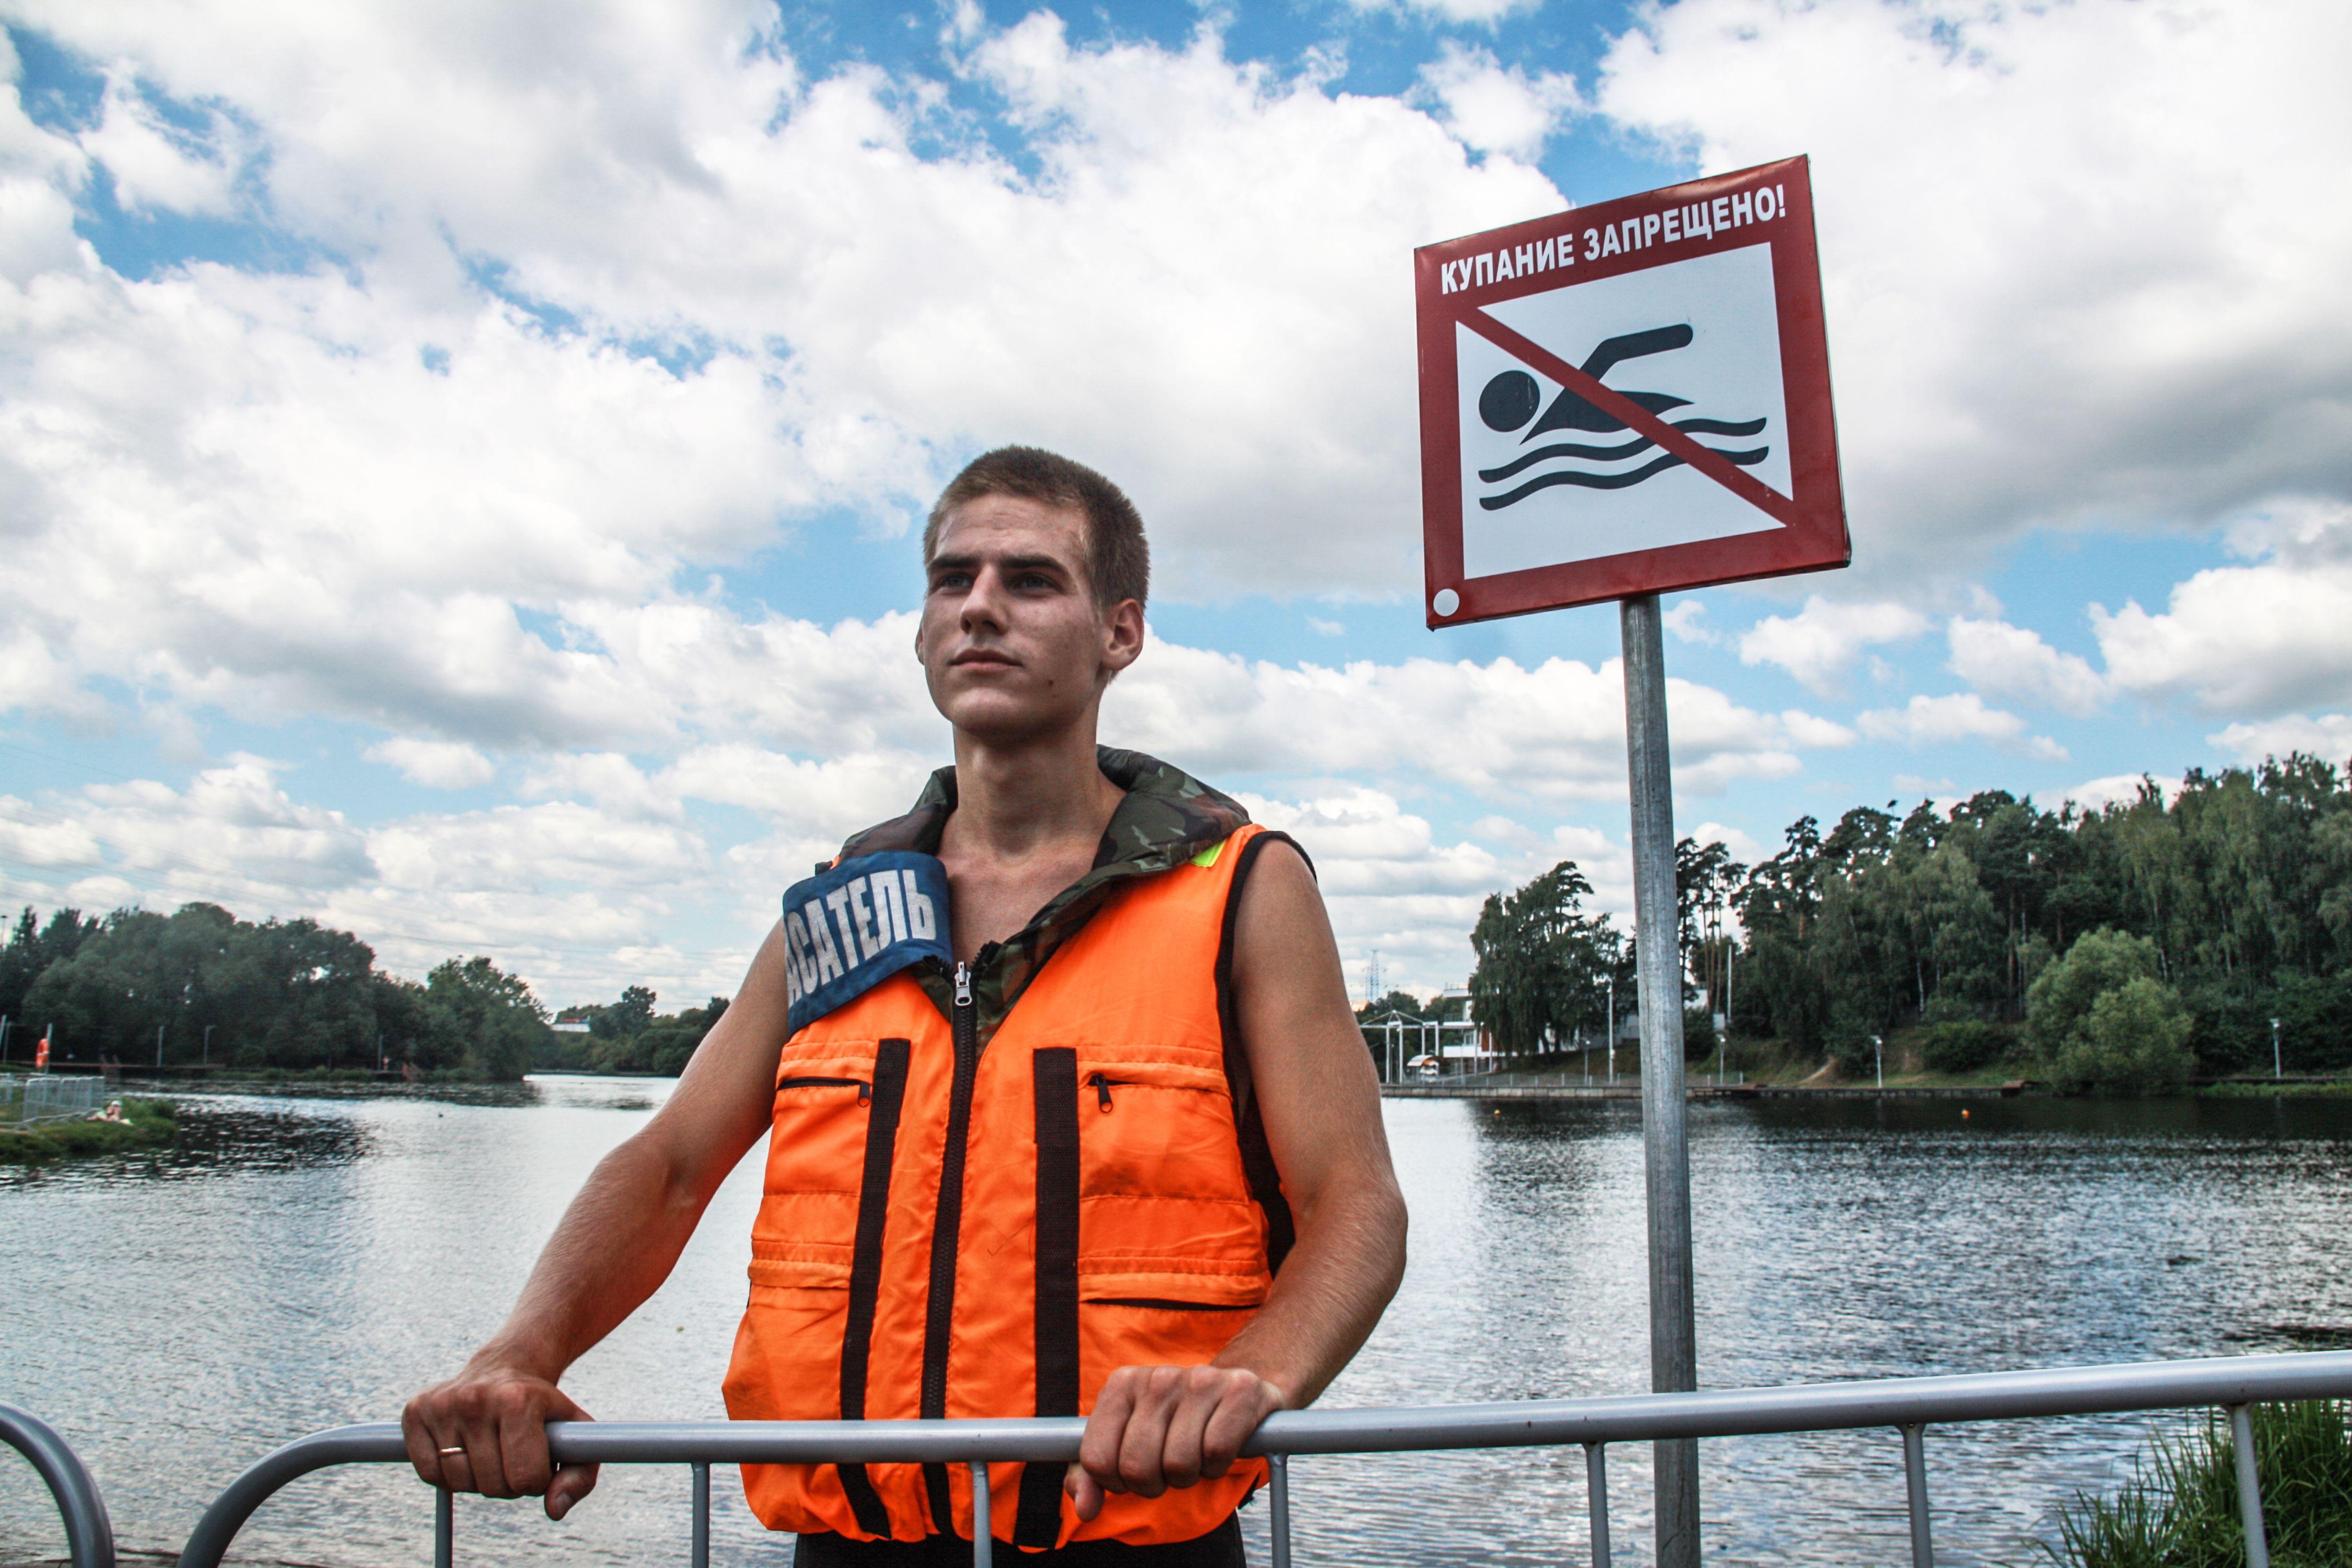 Купание запрещено: в Краснопахорском заменили предупреждающие таблички на сезонные